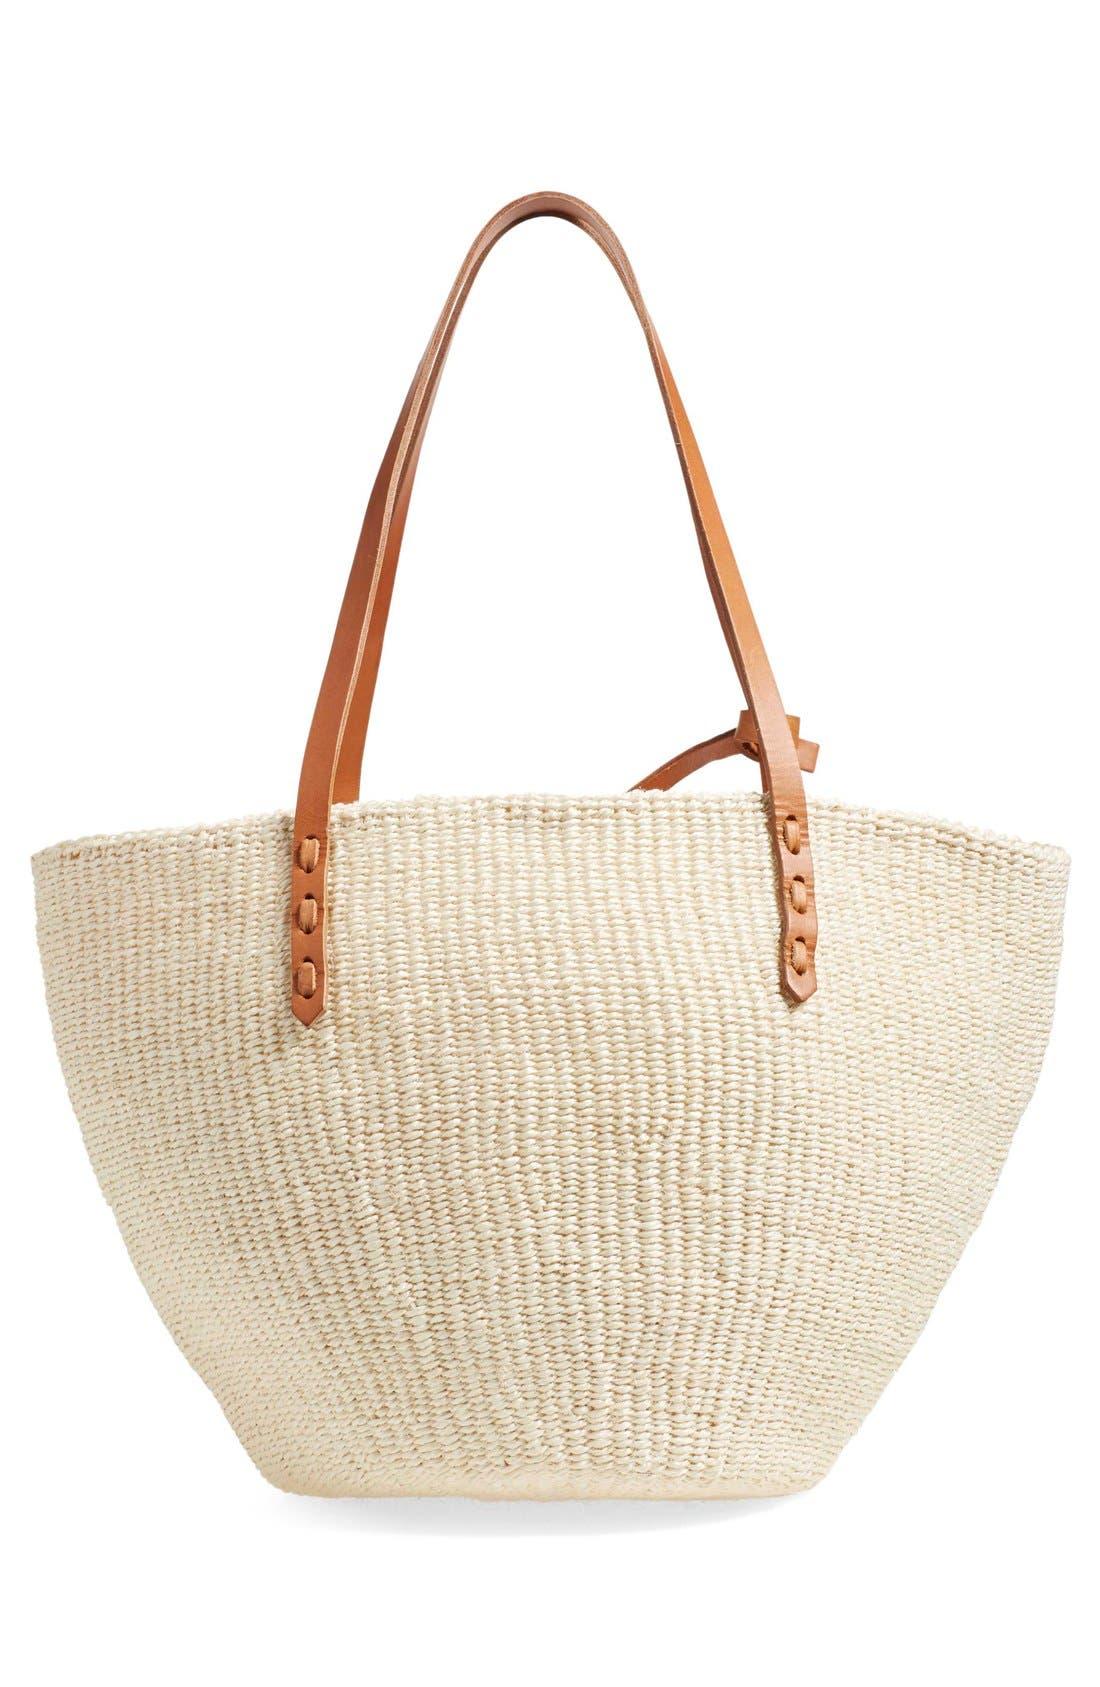 Alternate Image 3  - Clare V. 'Kenya' Sisal Shoulder Bag